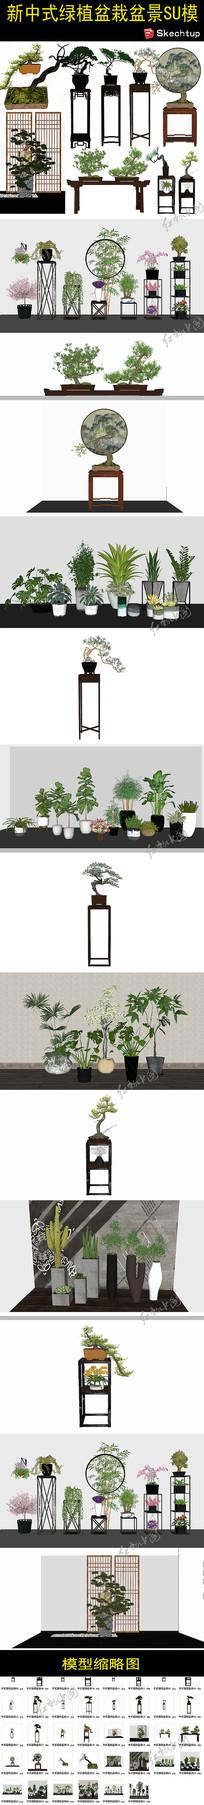 新中式绿植盆栽盆景SU模型